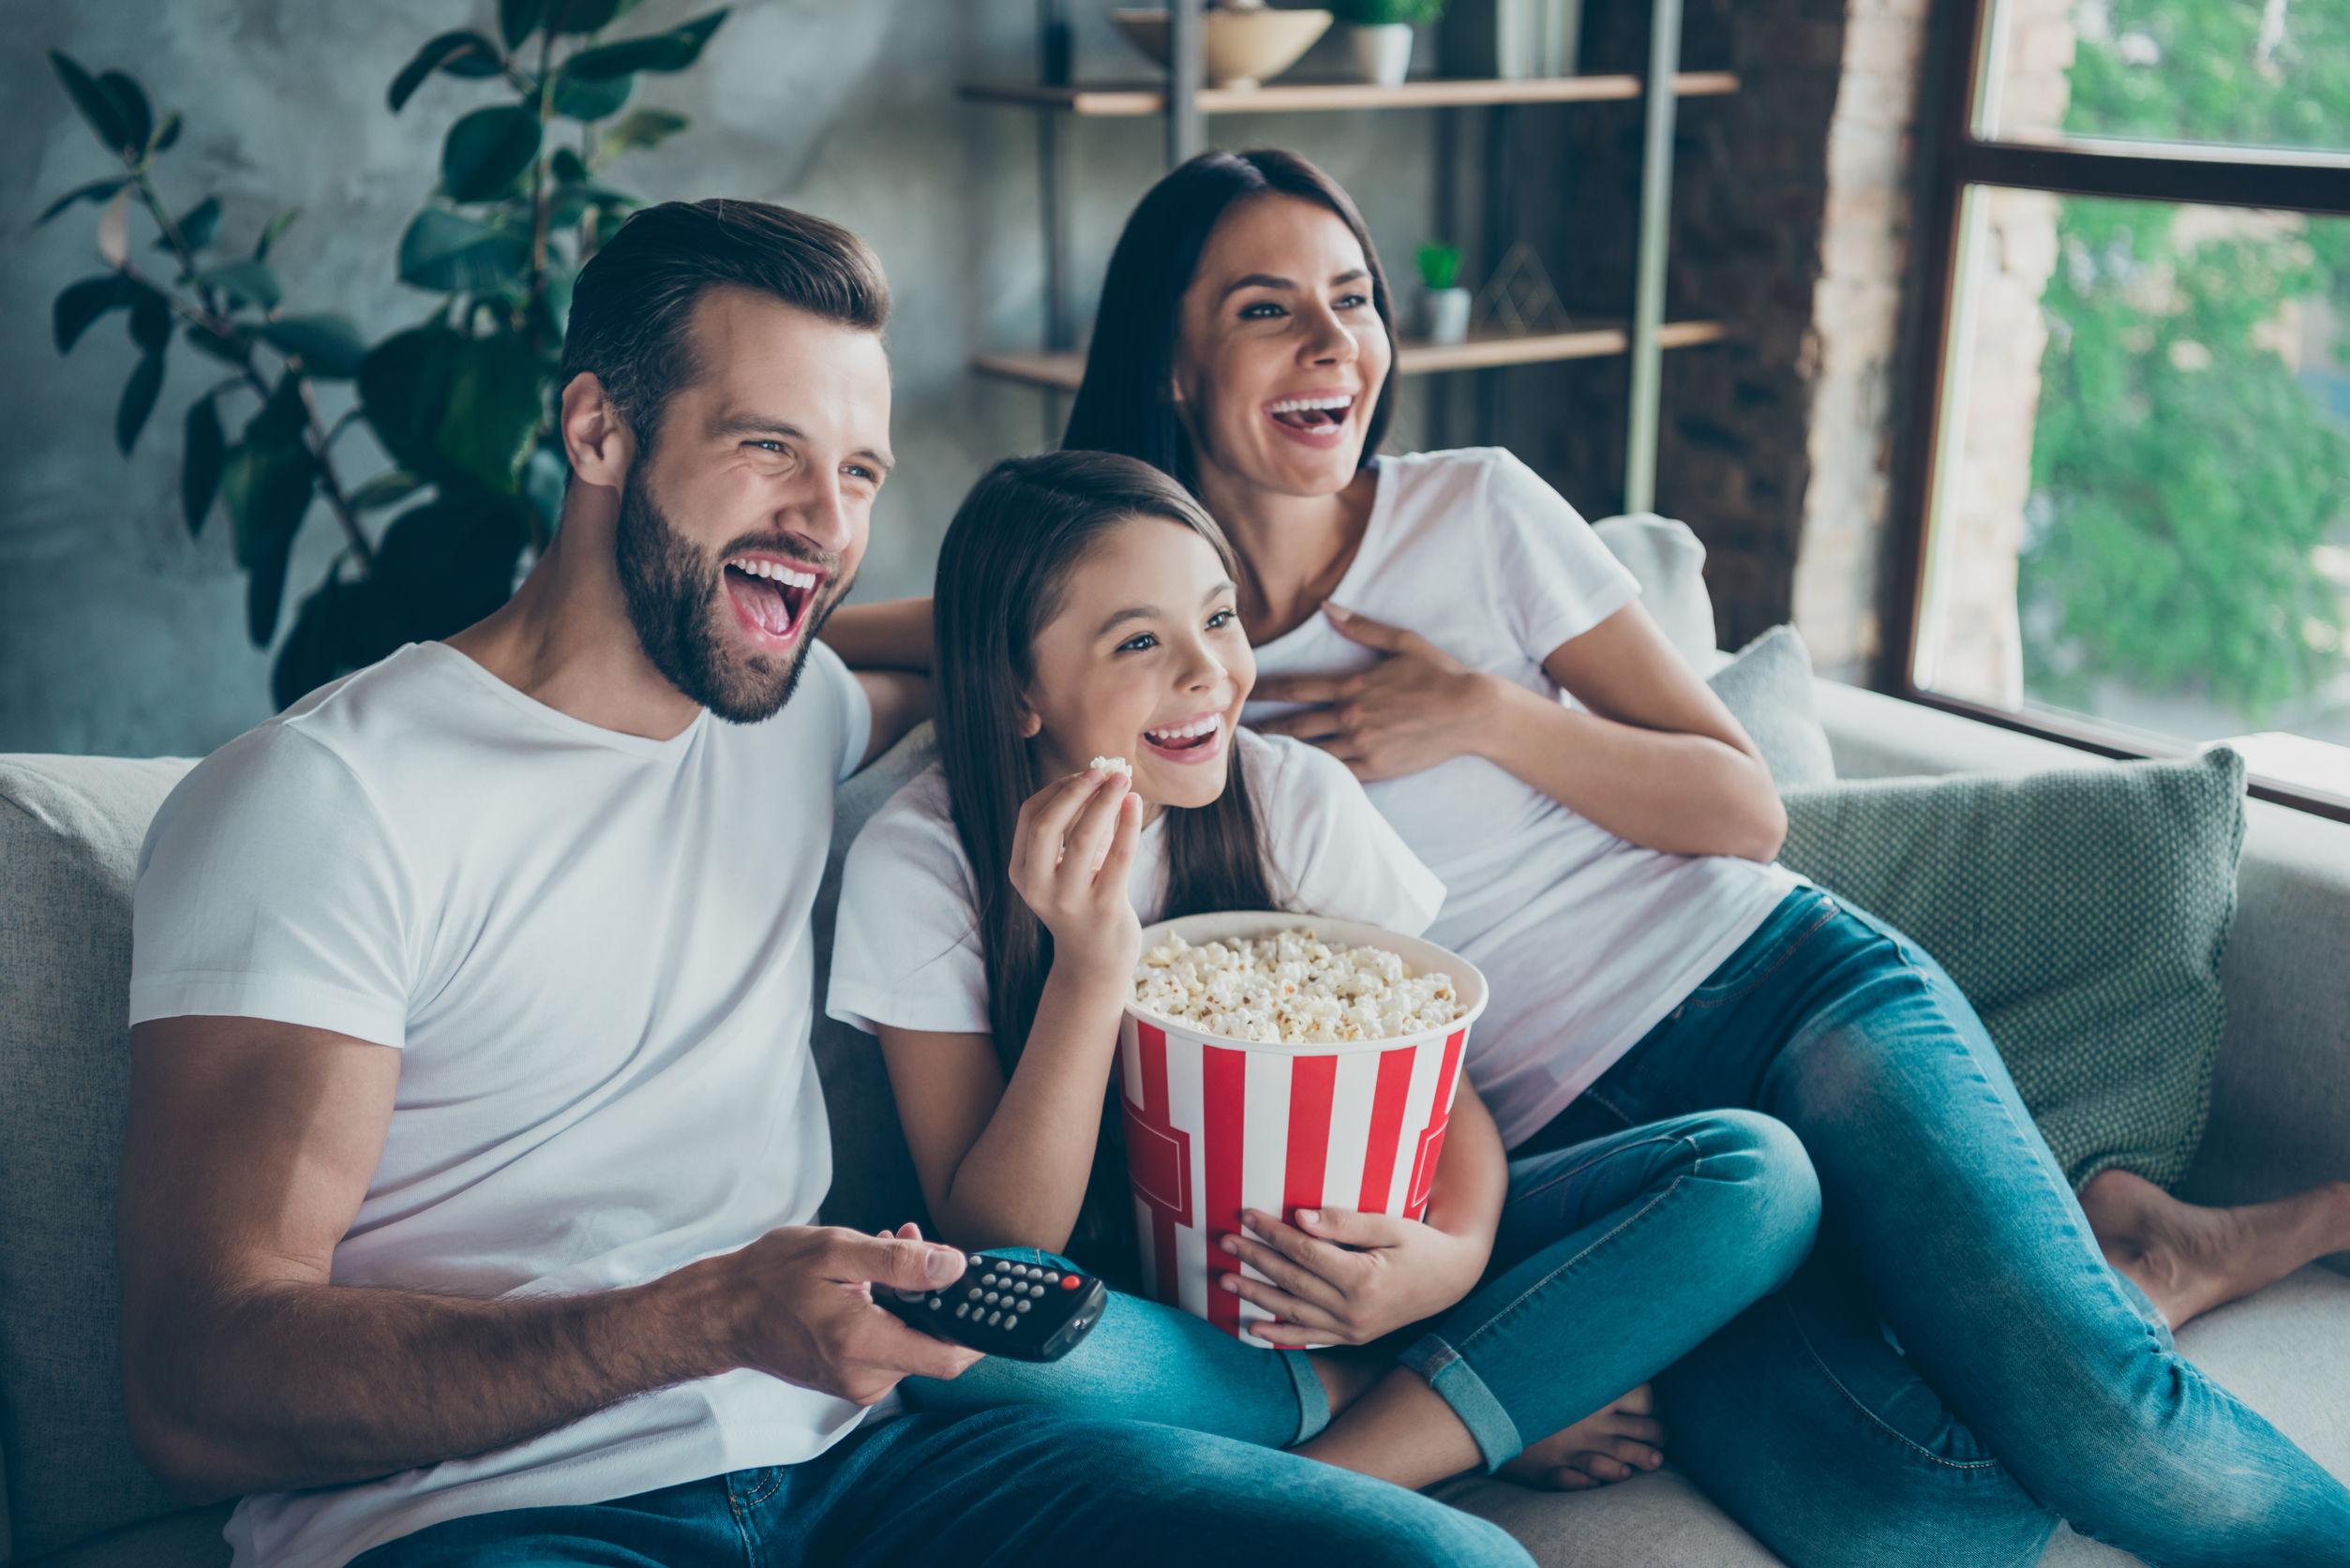 Películas Disney: ¿Cuál es la mejor del 2021?